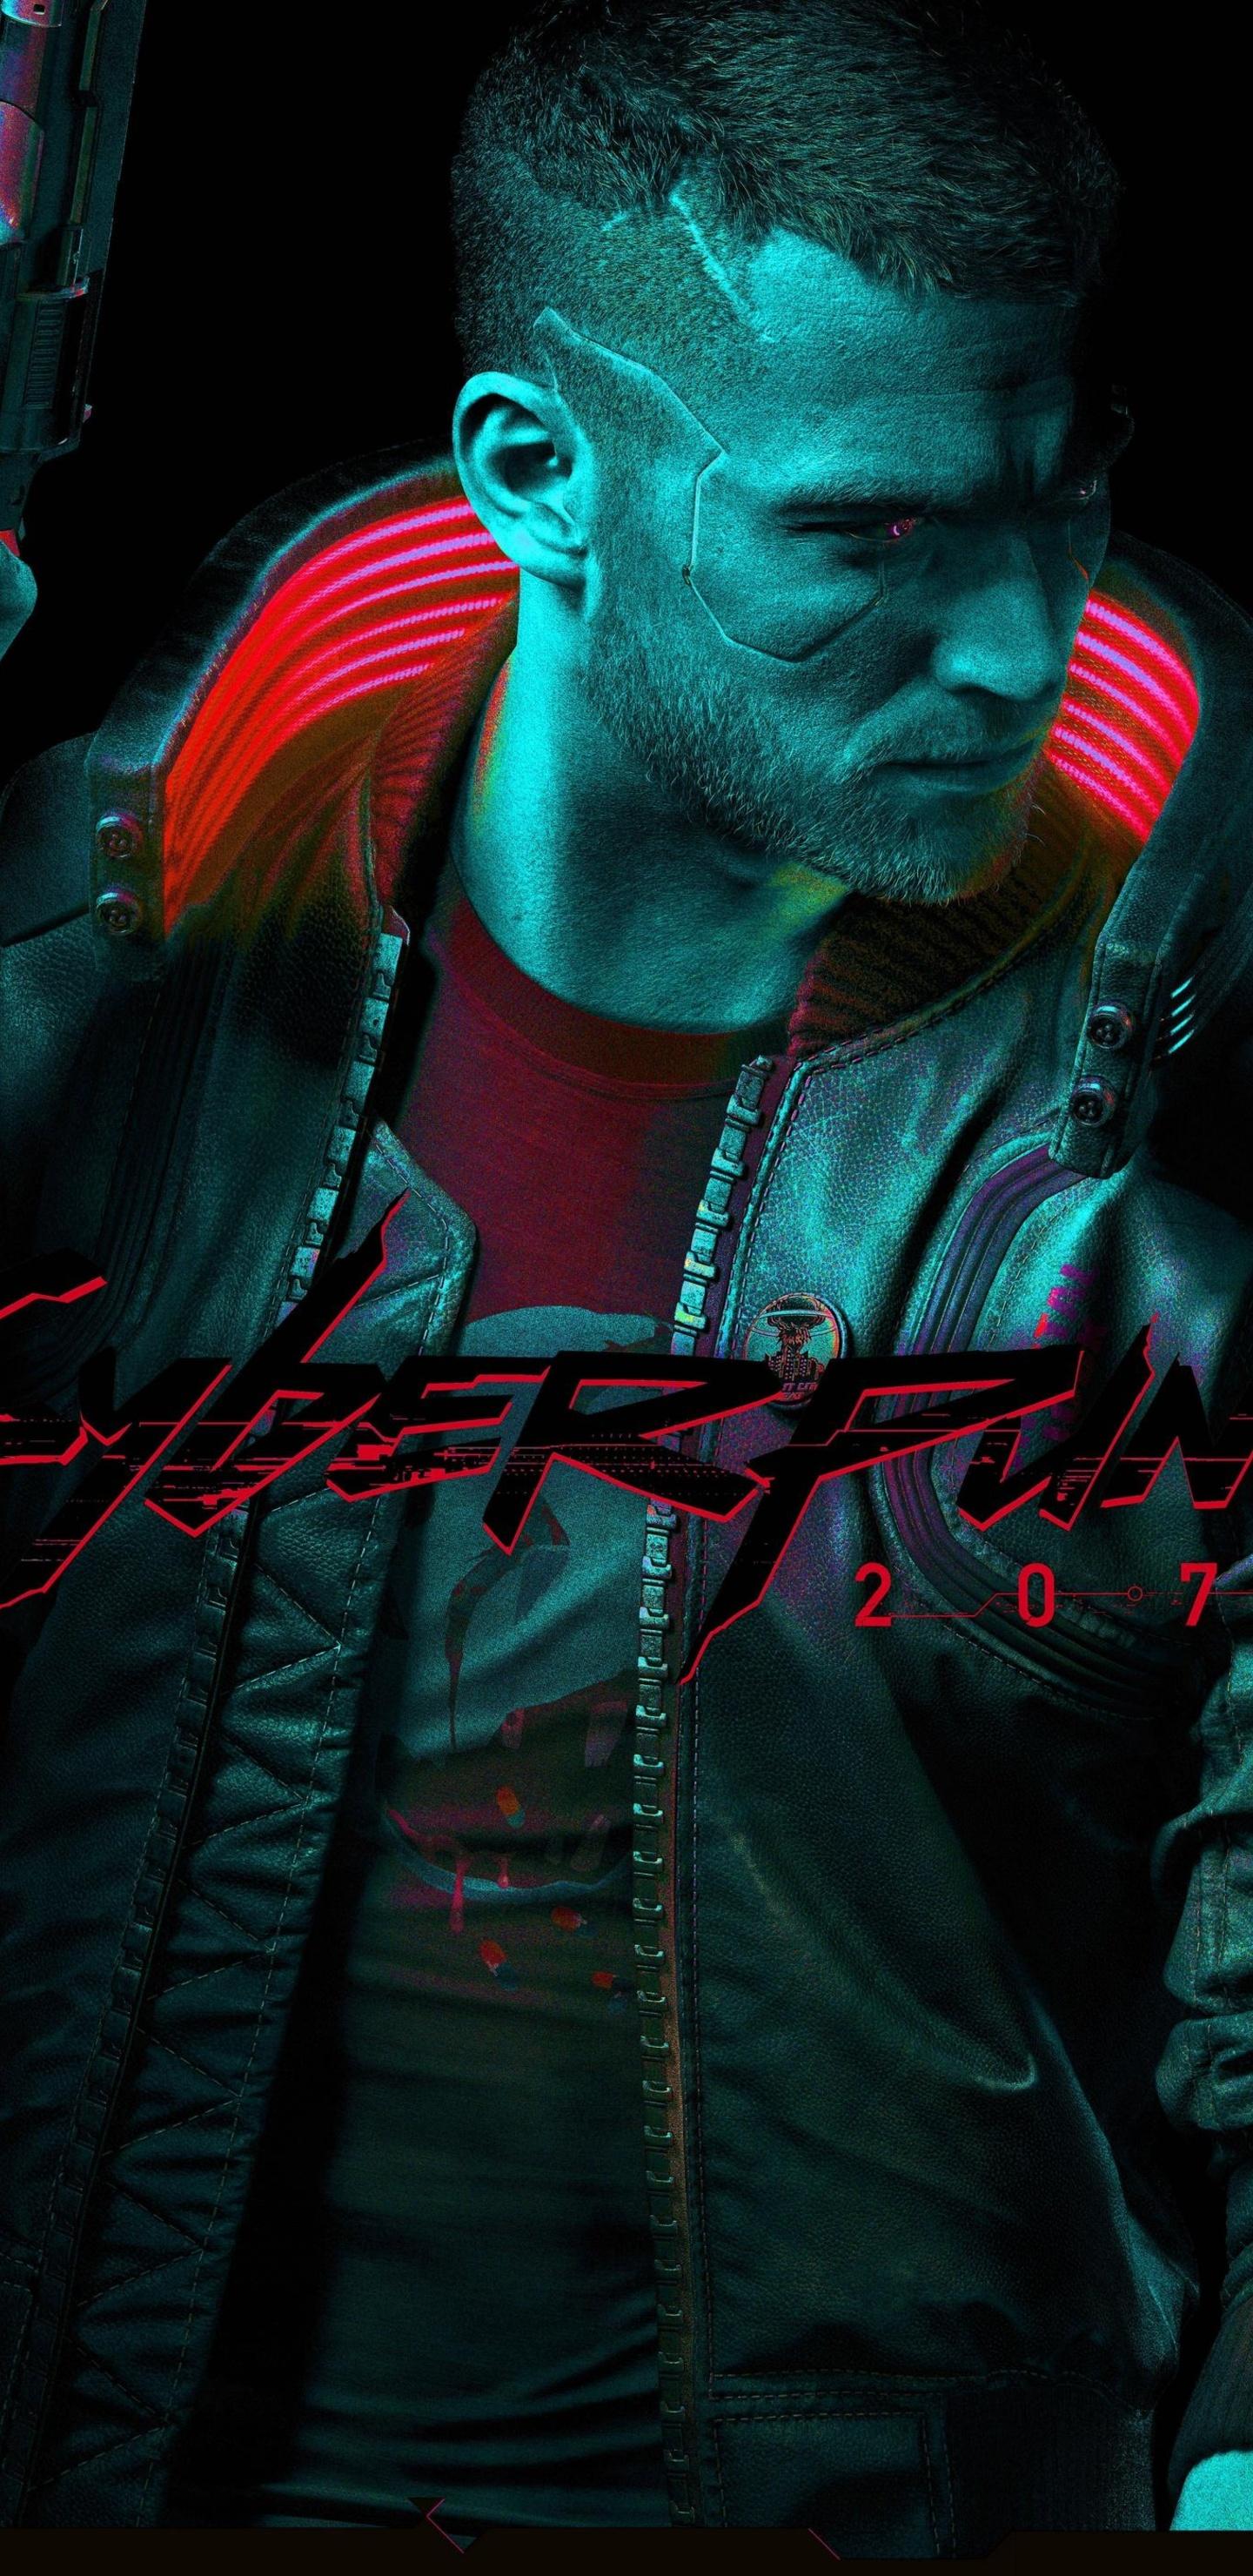 cyberpunk-2077-5k-2019-r7.jpg